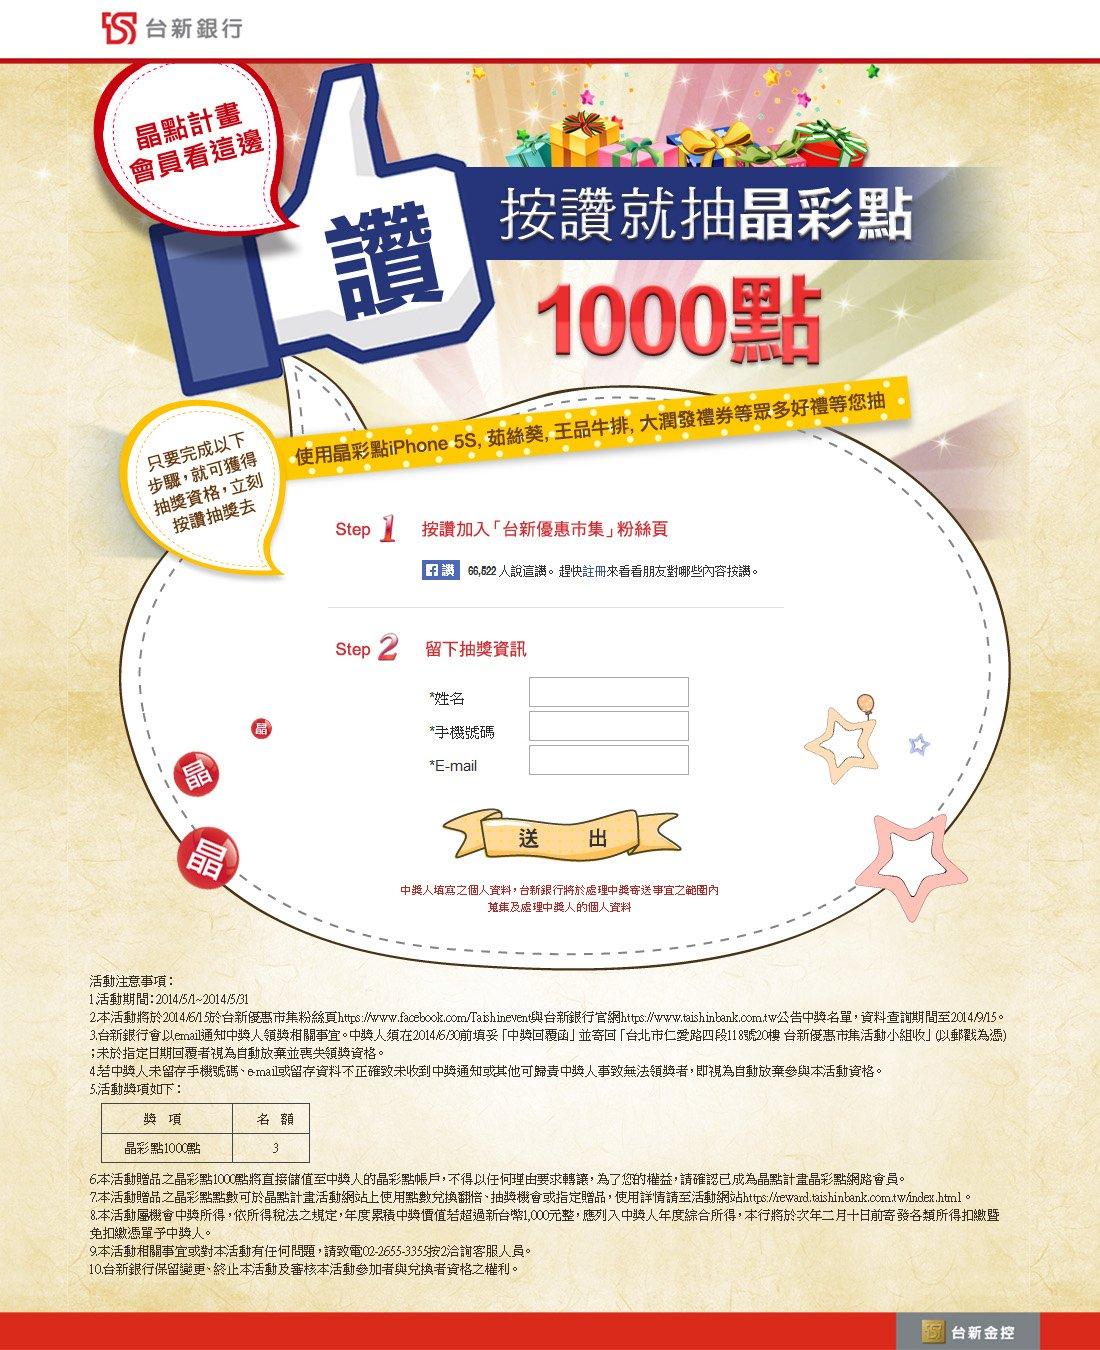 台新銀行-FB活動